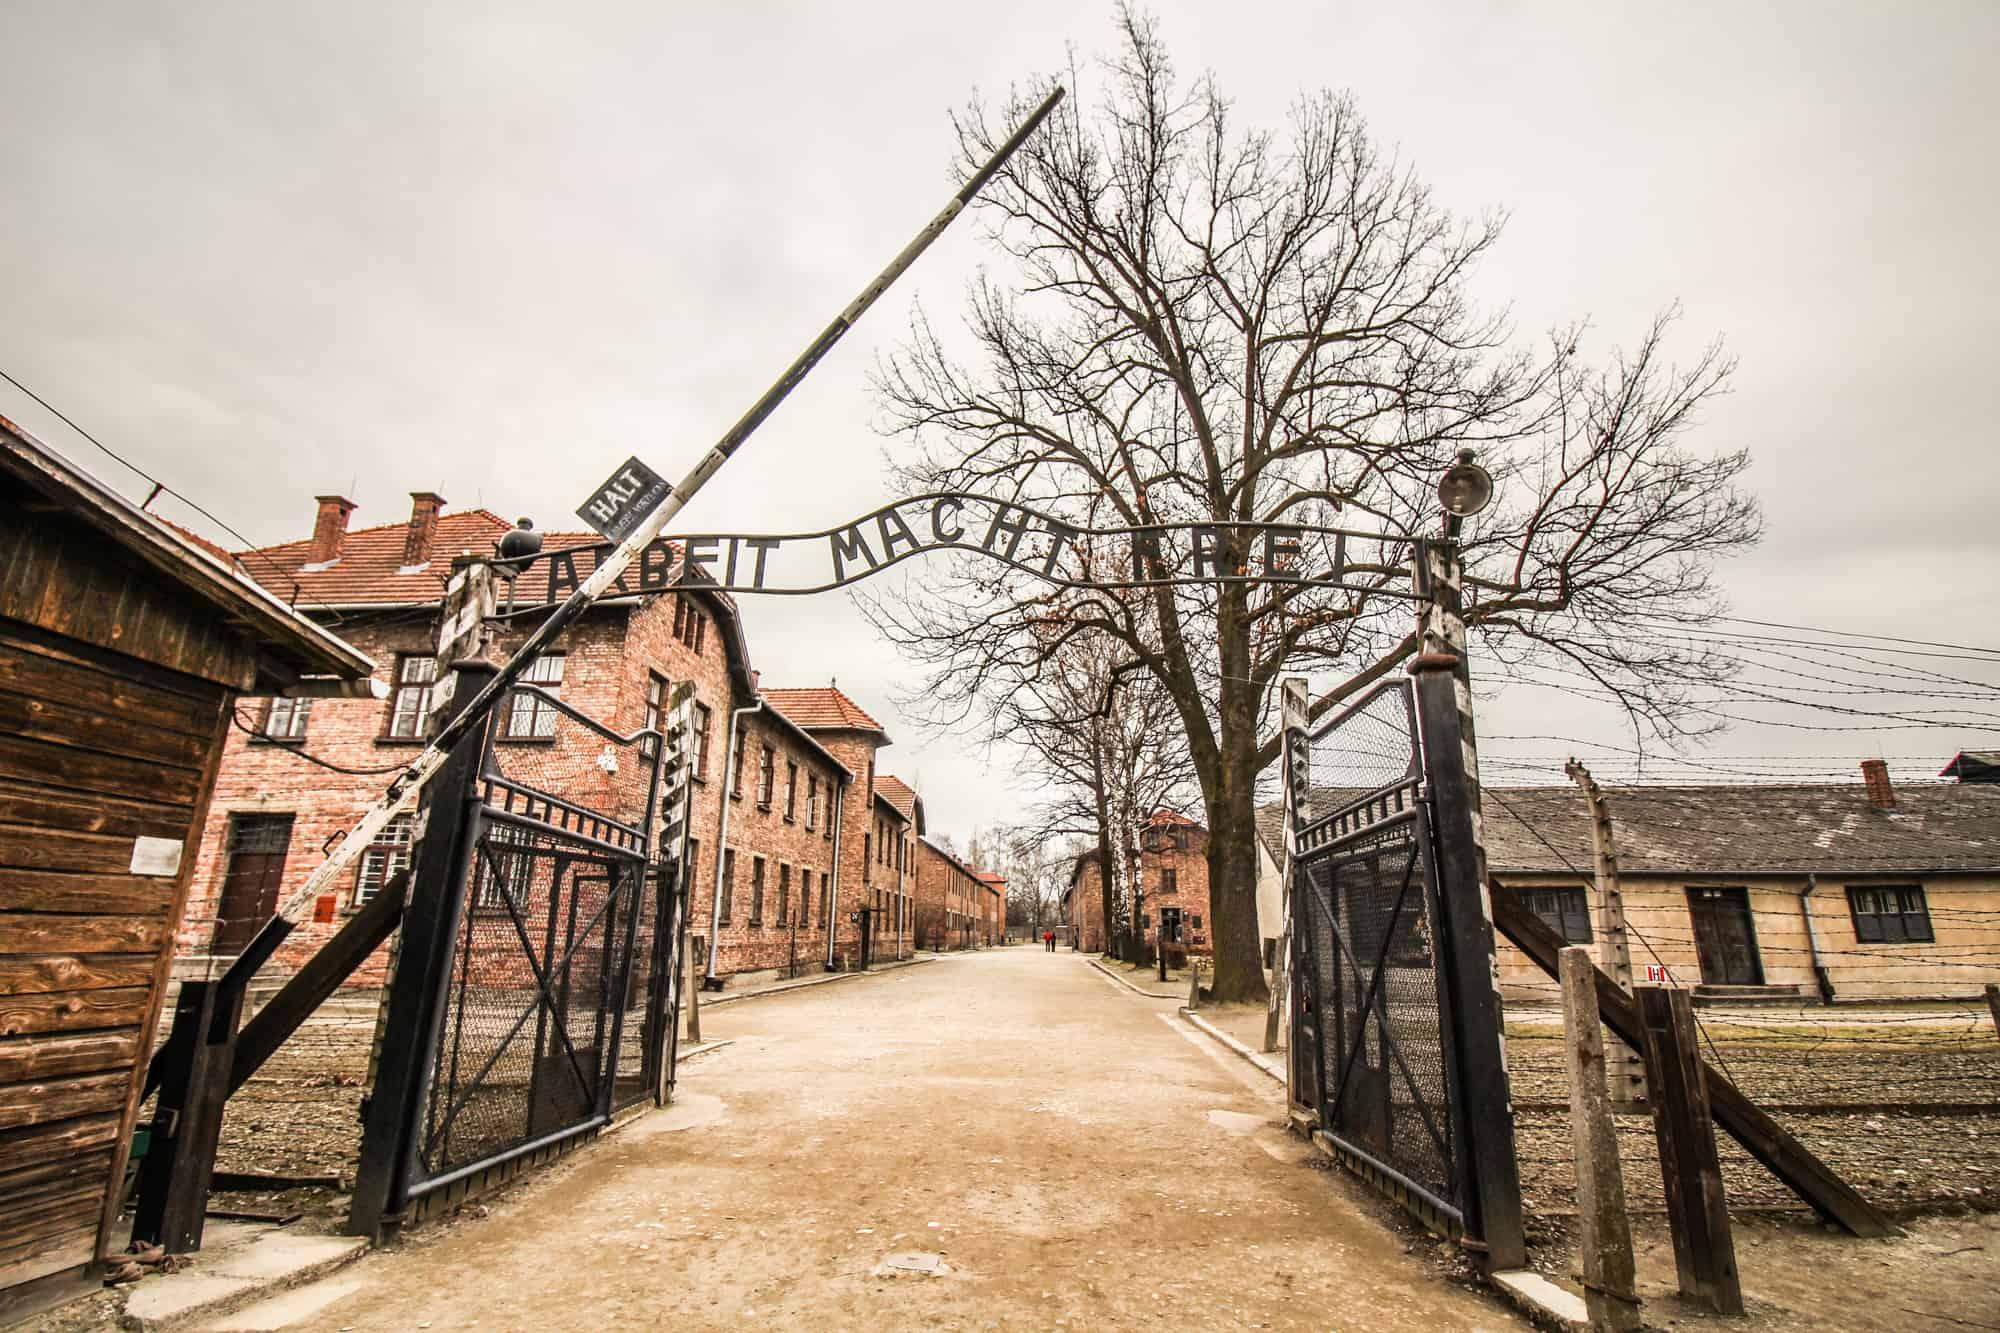 Auschwitz – Arbeit macht frei